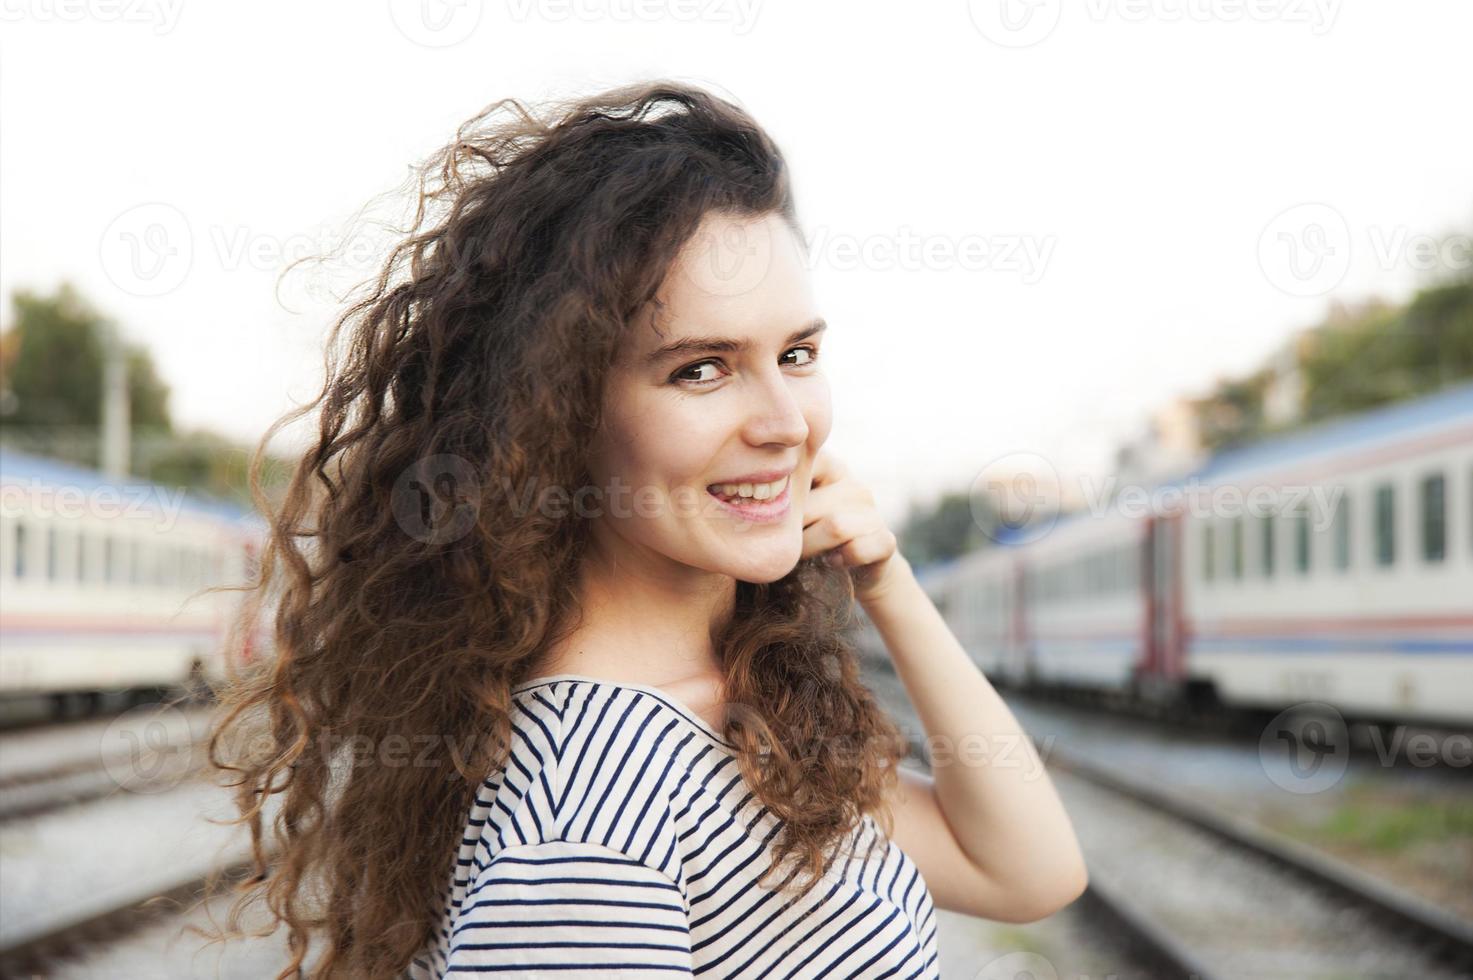 ragazza in una stazione ferroviaria foto